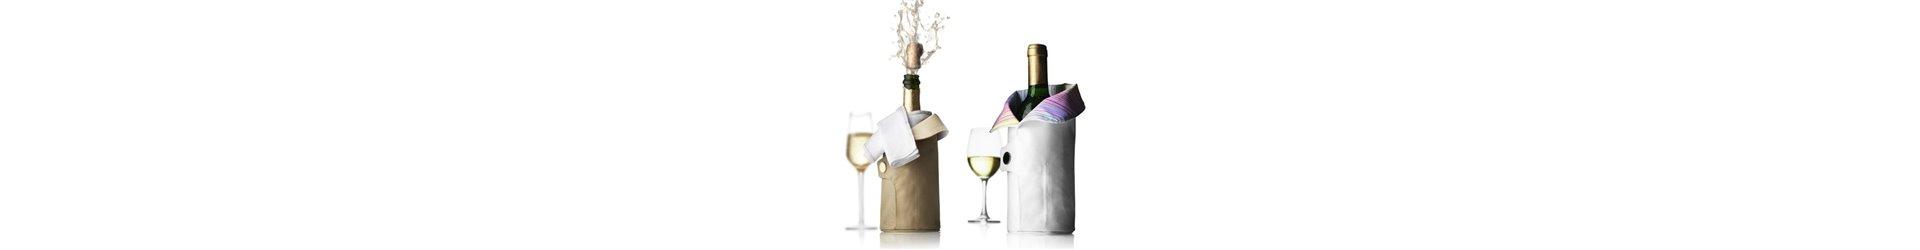 Pojemniki do schładzania win